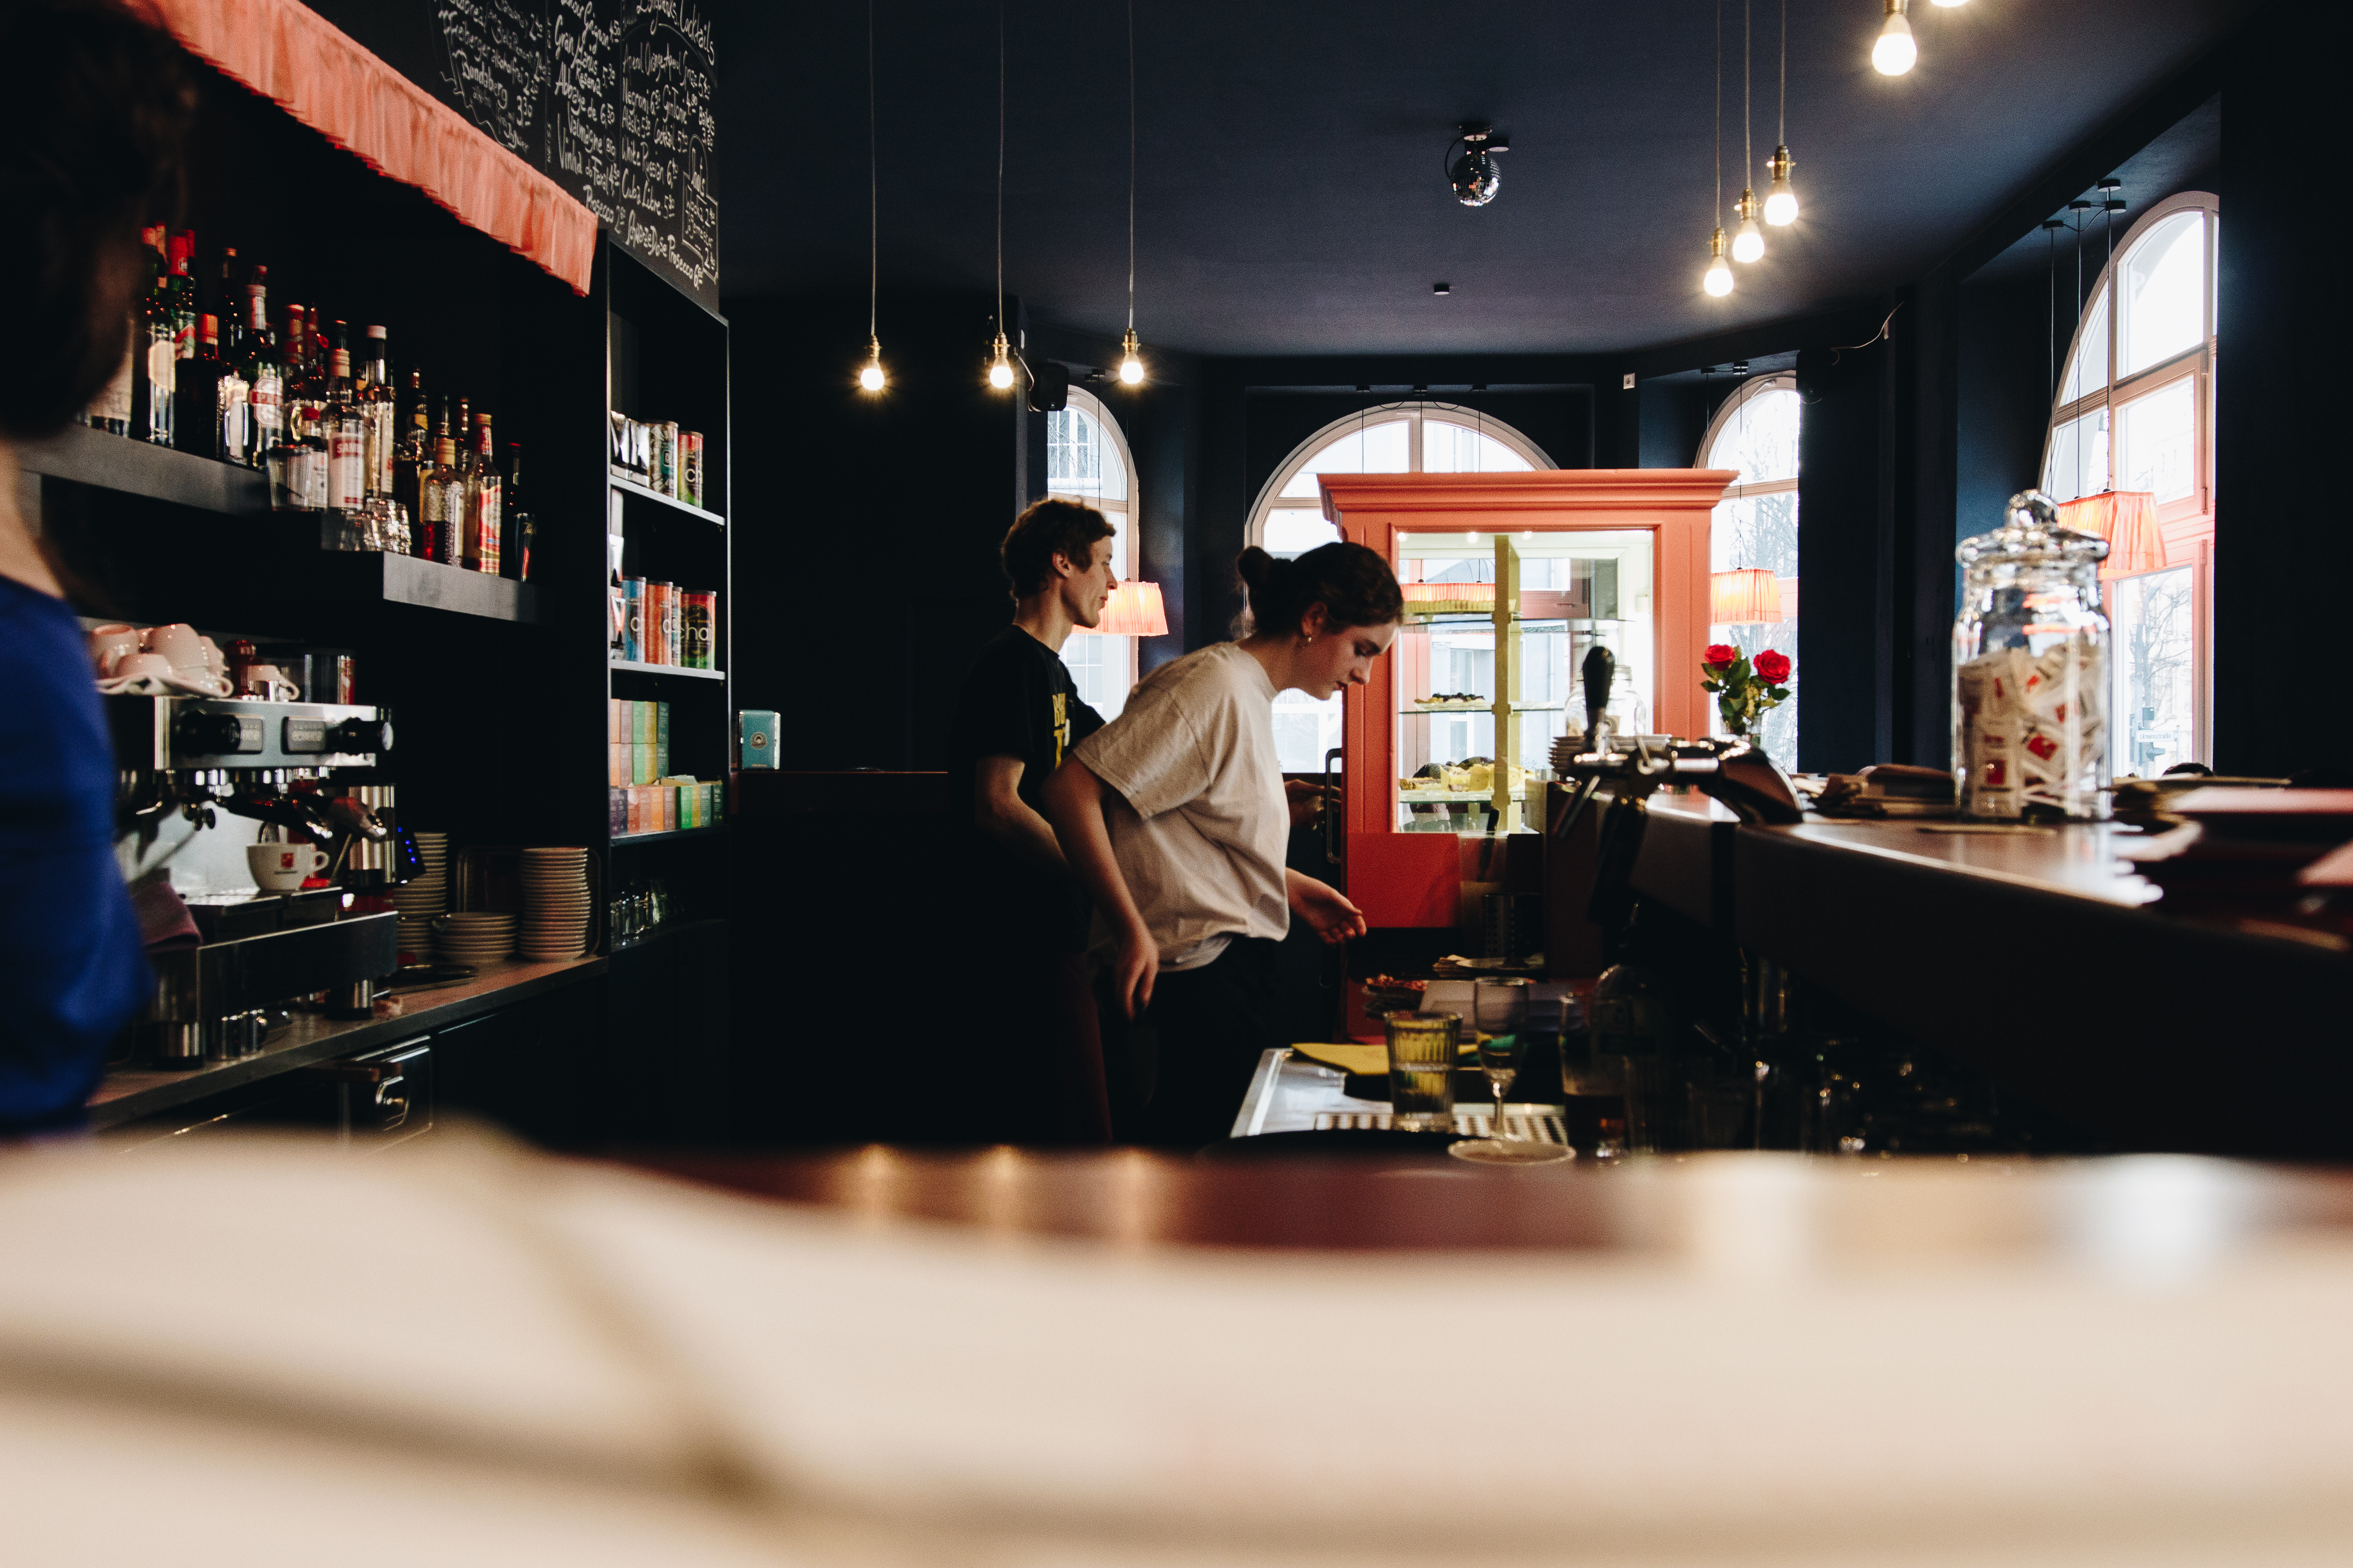 emmas onkel-chemnitz-café-kuchen-annabelle sagt21